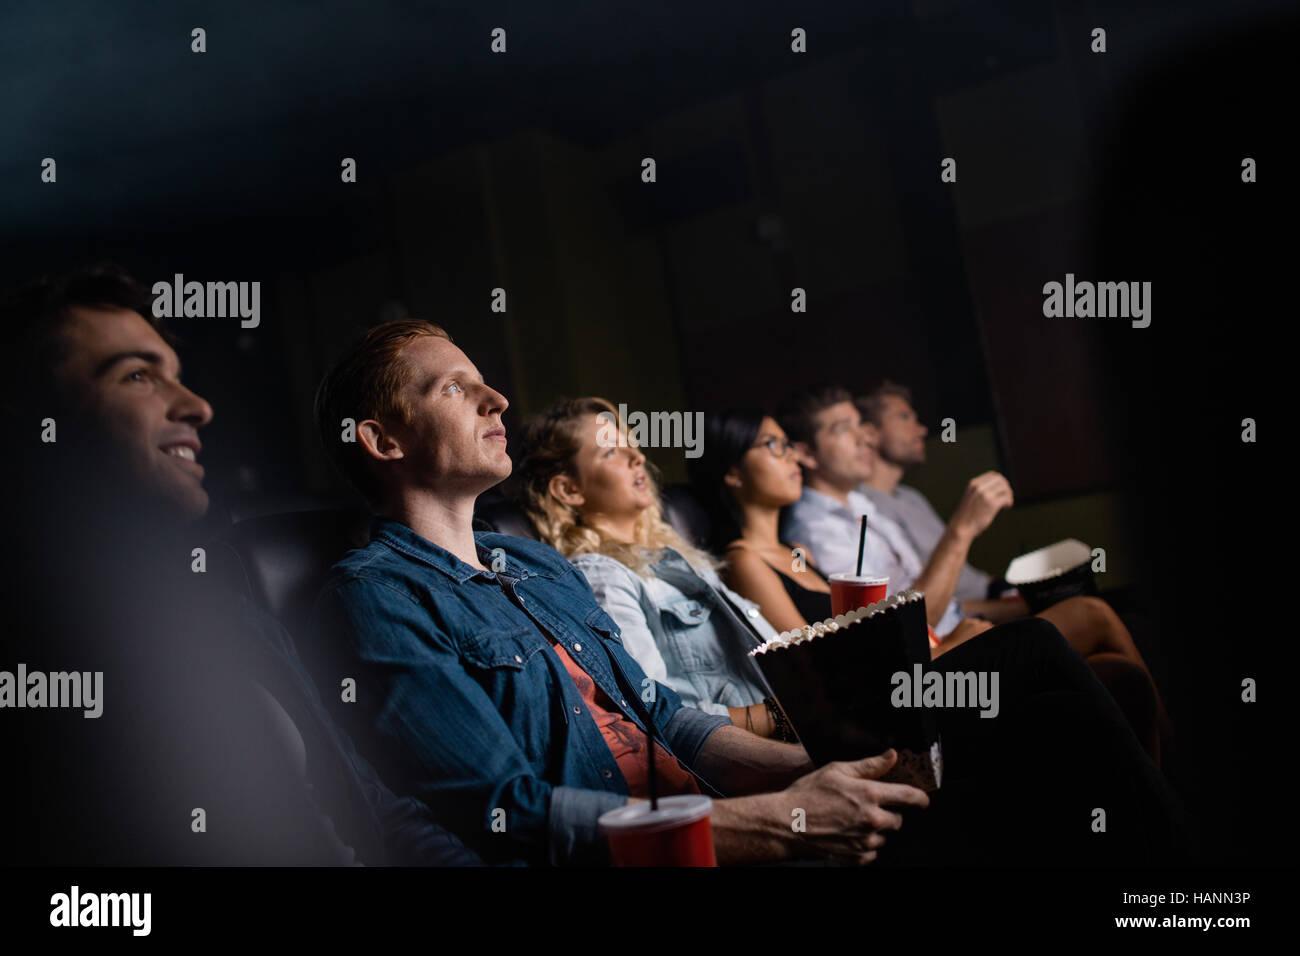 Giovane uomo con gli amici nella sala cinema guardare film. Gruppo di persone che guardano film in teatro. Immagini Stock